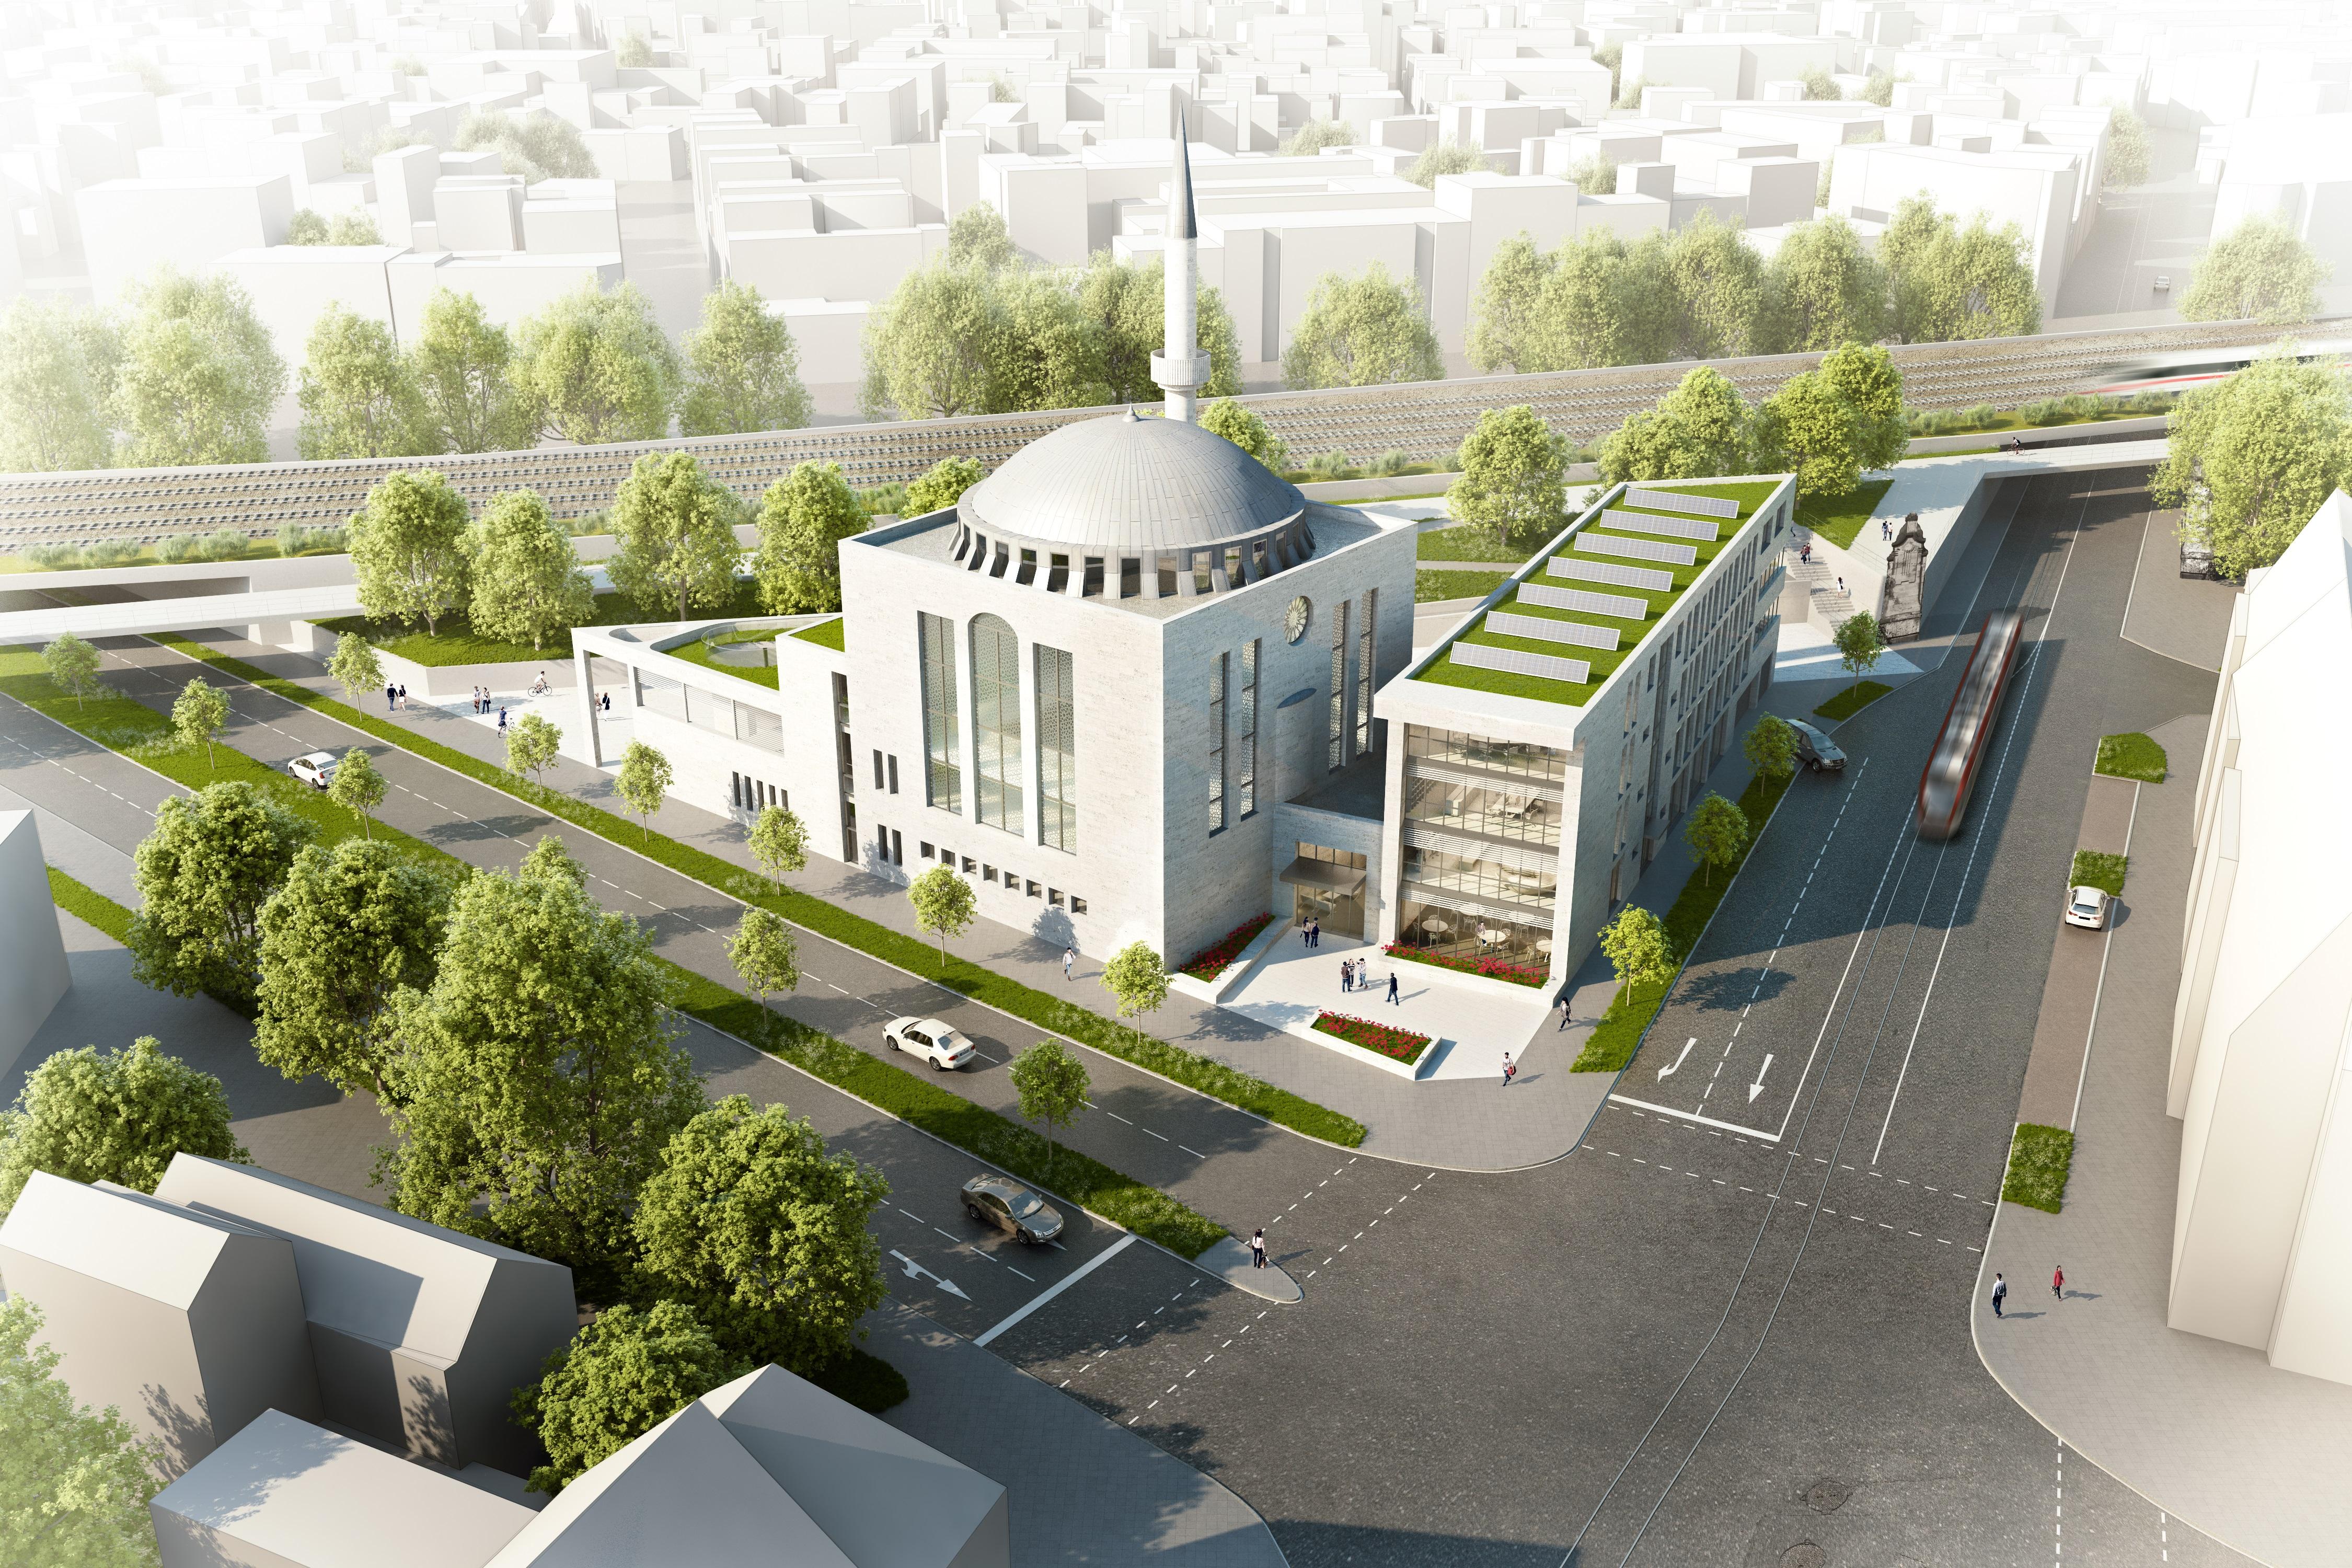 Foto: DITIB – Türkisch-Islamische Gemeinde zu Krefeld e.V. // Architekt: Nihat Bilgic